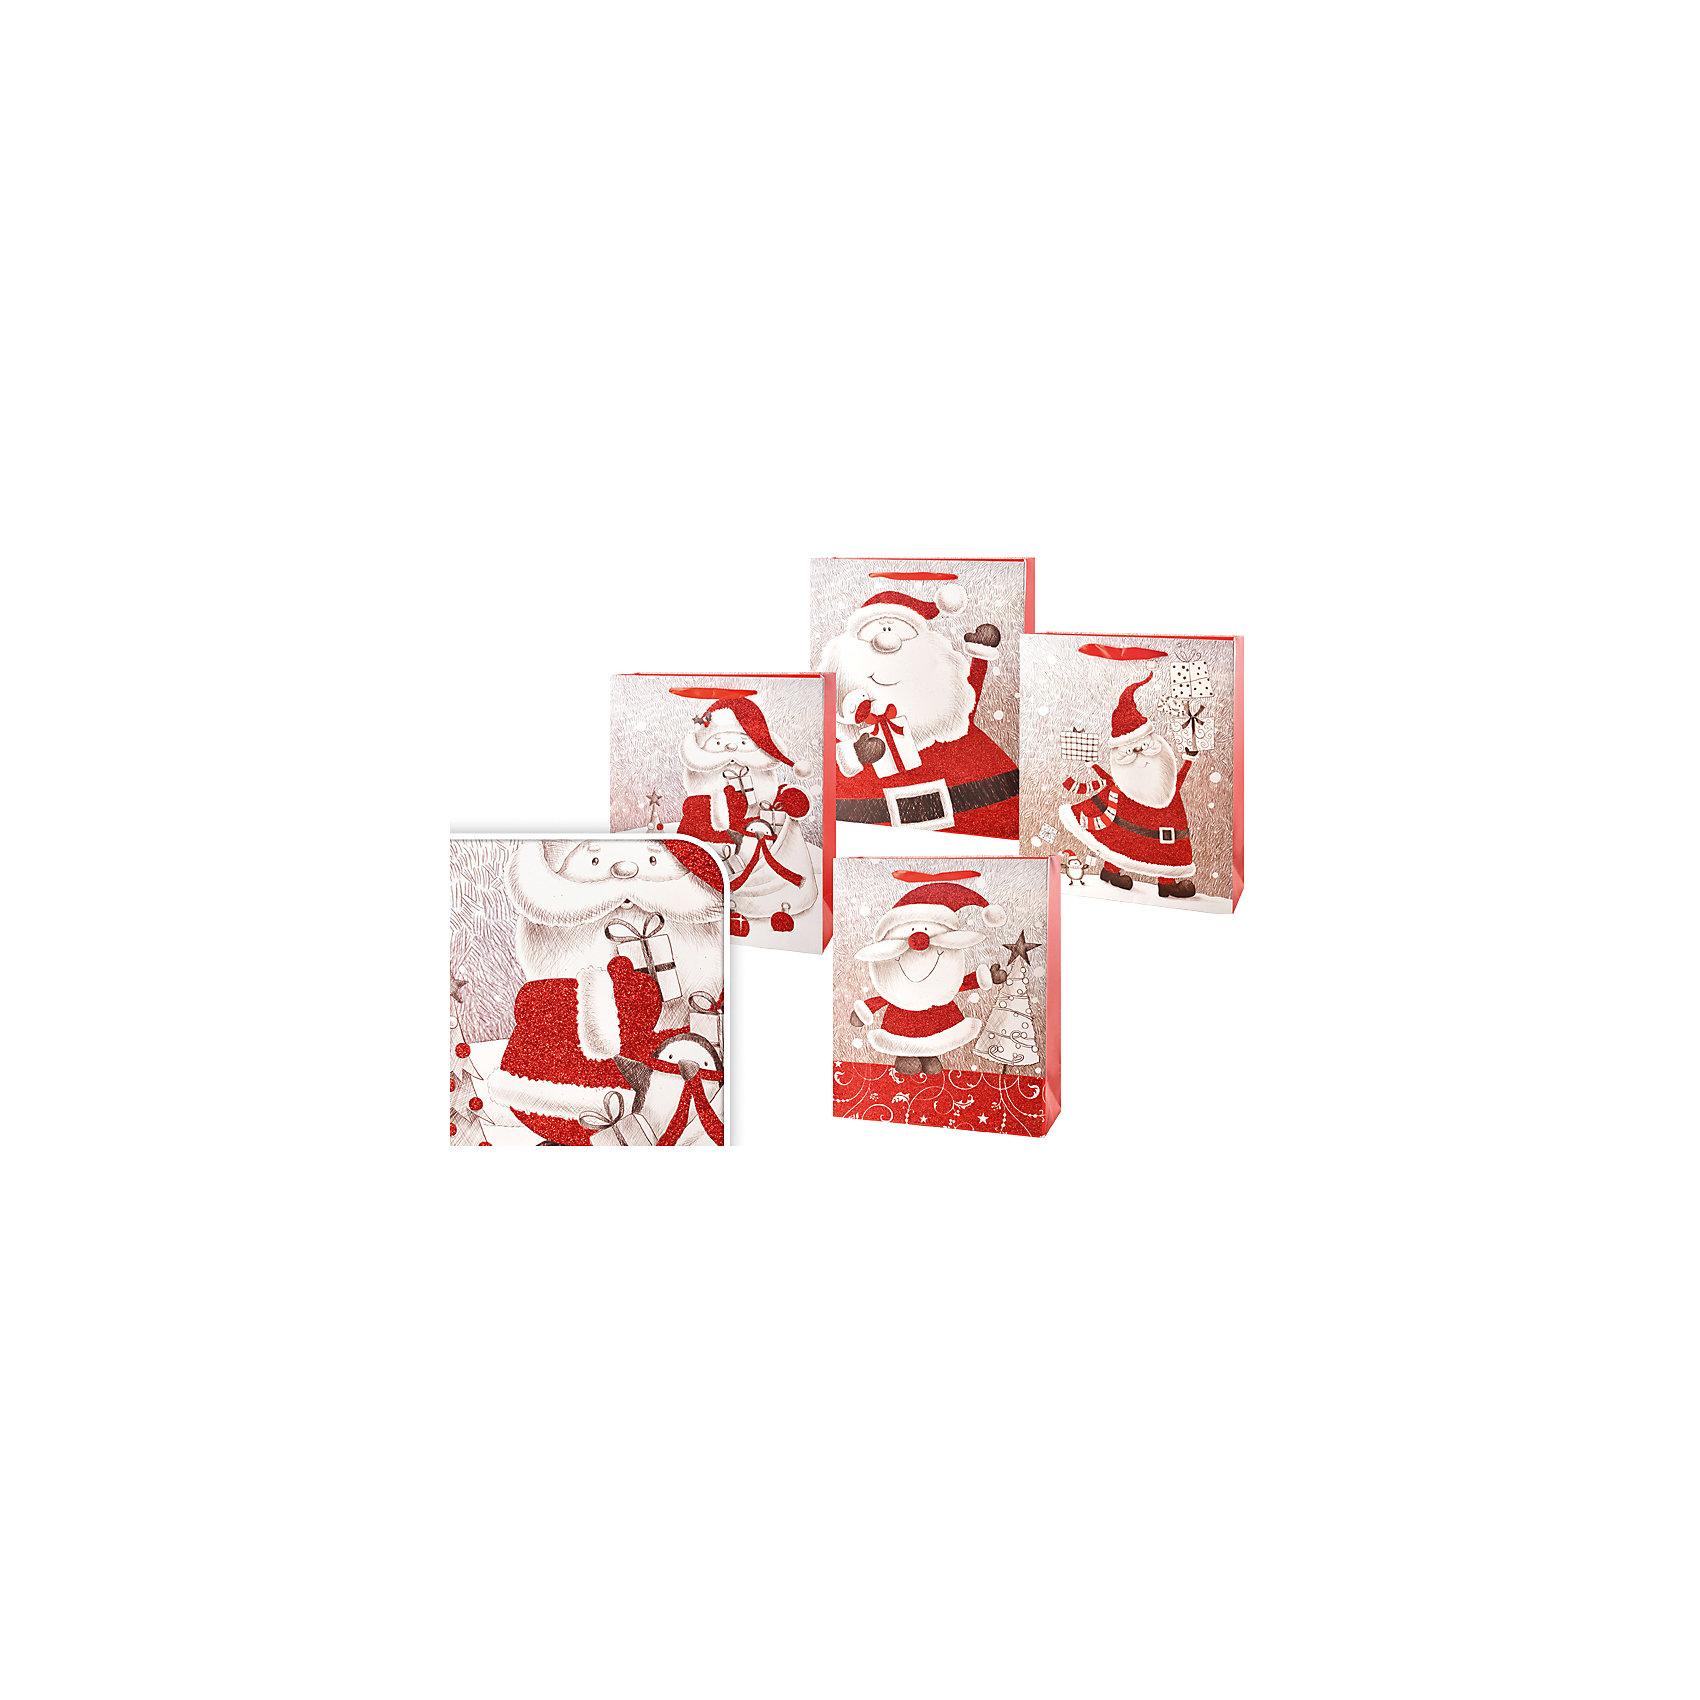 Пакет подарочный новогодний 32*26*10см, в ассортиментеПакет подарочный новогодний 32*26*10см, в ассортименте с различными изображениями Деда Мороза –  необходимый атрибут в период новогодних праздников, который подчеркнет Ваш подарок и добавит праздничного настроения. Упаковка подарков в пакеты – удобно и просто. Пакет выполнен из плотной бумаги, для удобной переноски на пакете имеются две ручки.<br><br>Дополнительная информация:<br>-Материалы: бумага, текстиль<br>-Размеры: 32х26х10 см<br>-Вес в упаковке: 80 г<br>-В ассортименте: 5 вариантов (Внимание! Заранее выбрать невозможно, при заказе нескольких возможно получение одинаковых)<br><br>Новогодний подарок, преподнесенный в оригинальном подарочном пакете, всегда будет самым эффектным и запоминающимся!<br><br>Пакет подарочный новогодний 32*26*10см, в ассортименте можно купить в нашем магазине.<br><br>Ширина мм: 320<br>Глубина мм: 260<br>Высота мм: 100<br>Вес г: 80<br>Возраст от месяцев: 36<br>Возраст до месяцев: 1188<br>Пол: Унисекс<br>Возраст: Детский<br>SKU: 4251000